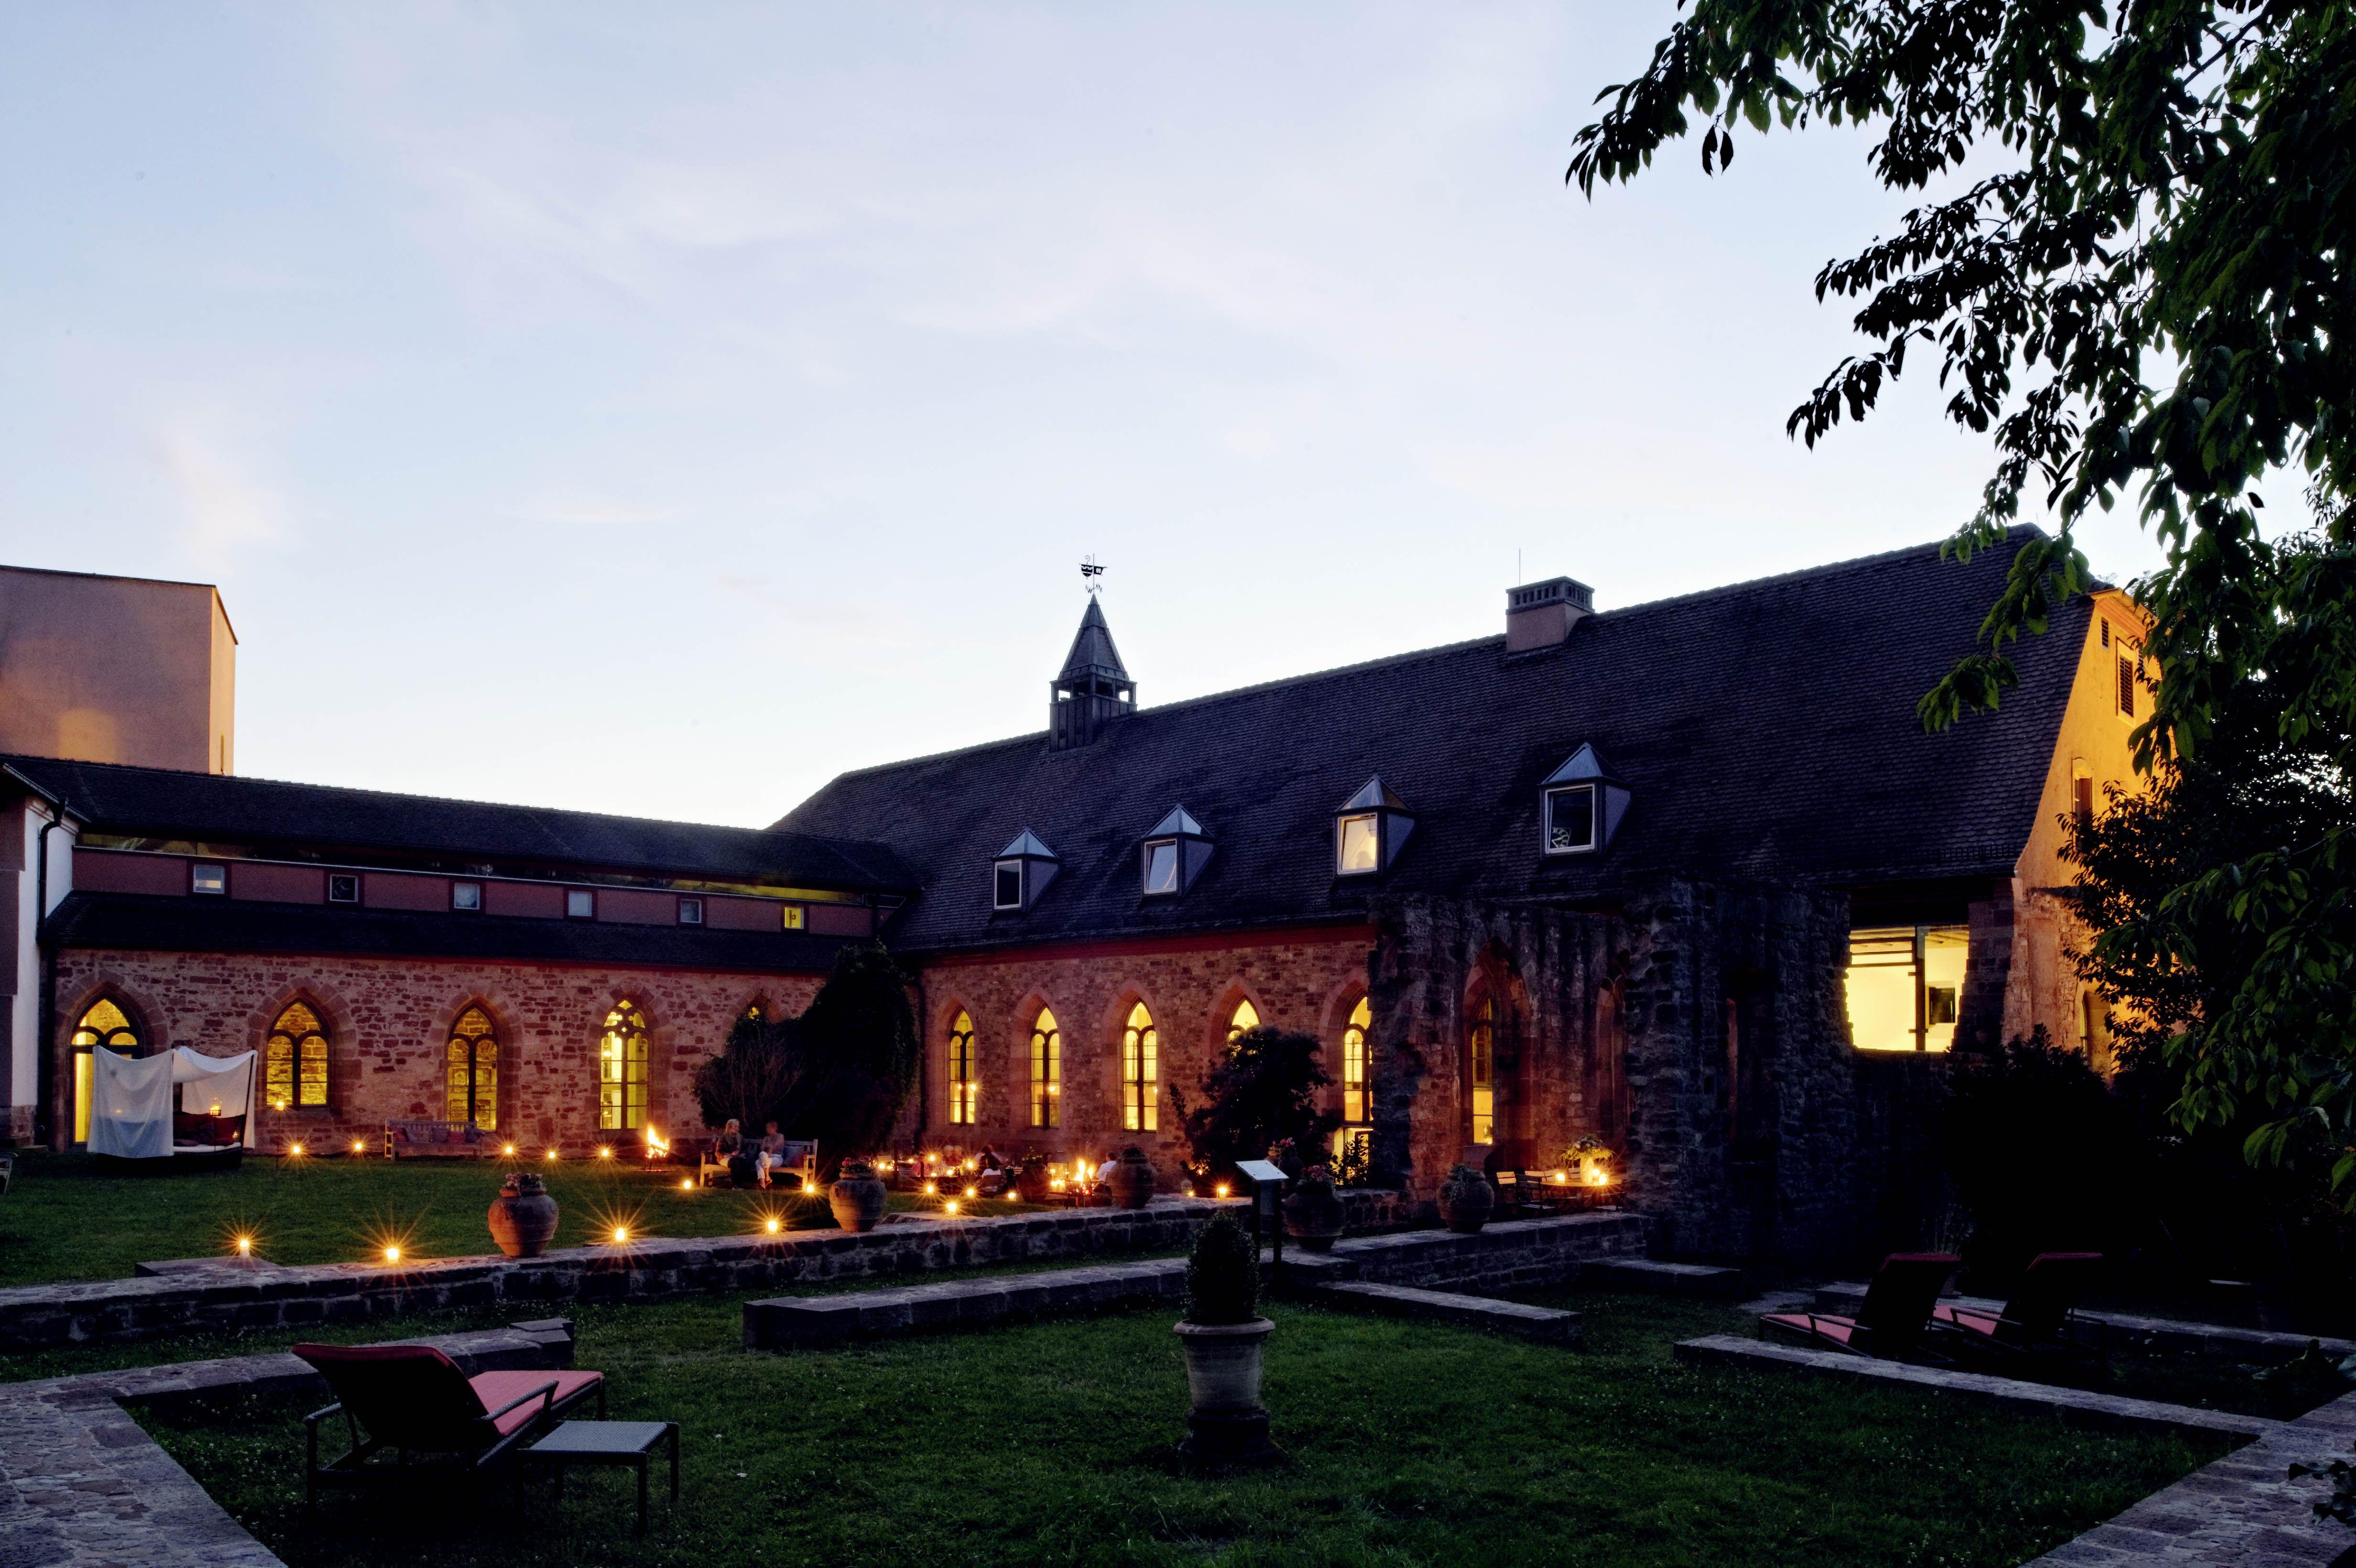 Klosterinnenhof Hotel Kloster Hornbach Rheinland Pfalz Hochzeitslocation Pfalz Hochzeitslocation Weingut Pfalz